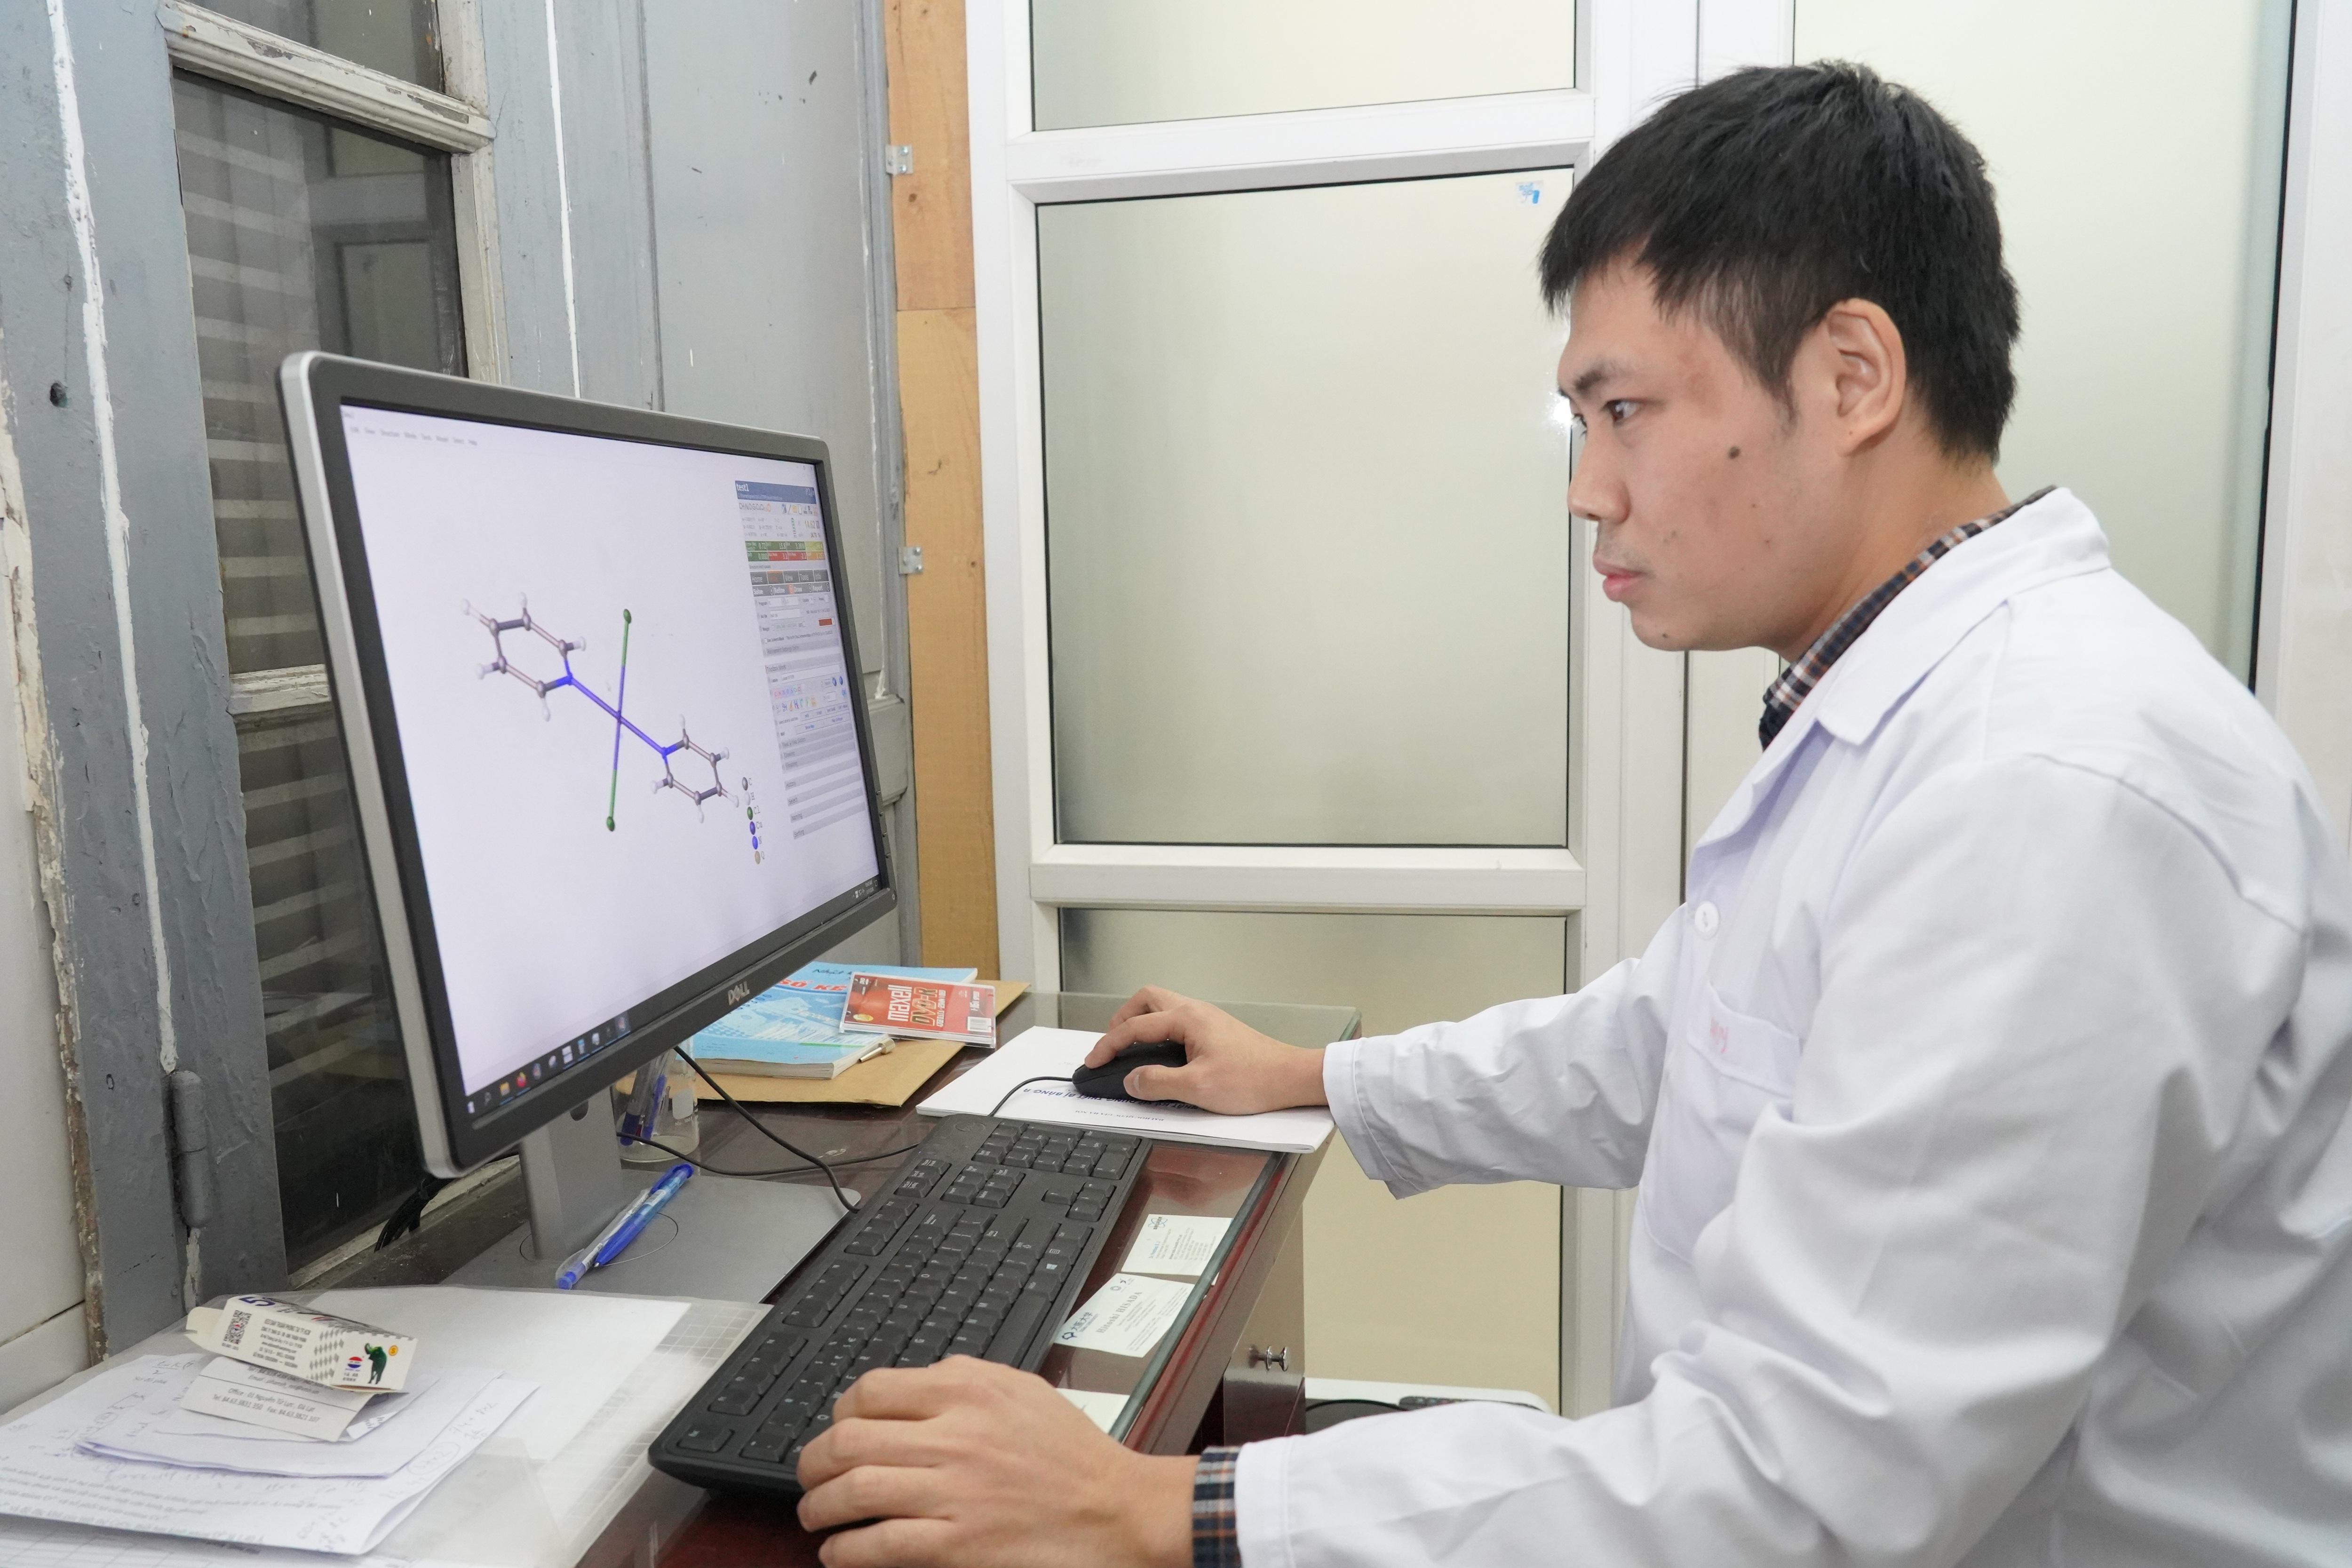 Phó Giáo sư trẻ nhất Việt Nam 33 tuổi: Có đam mê, mọi thứ đều có thể - 2